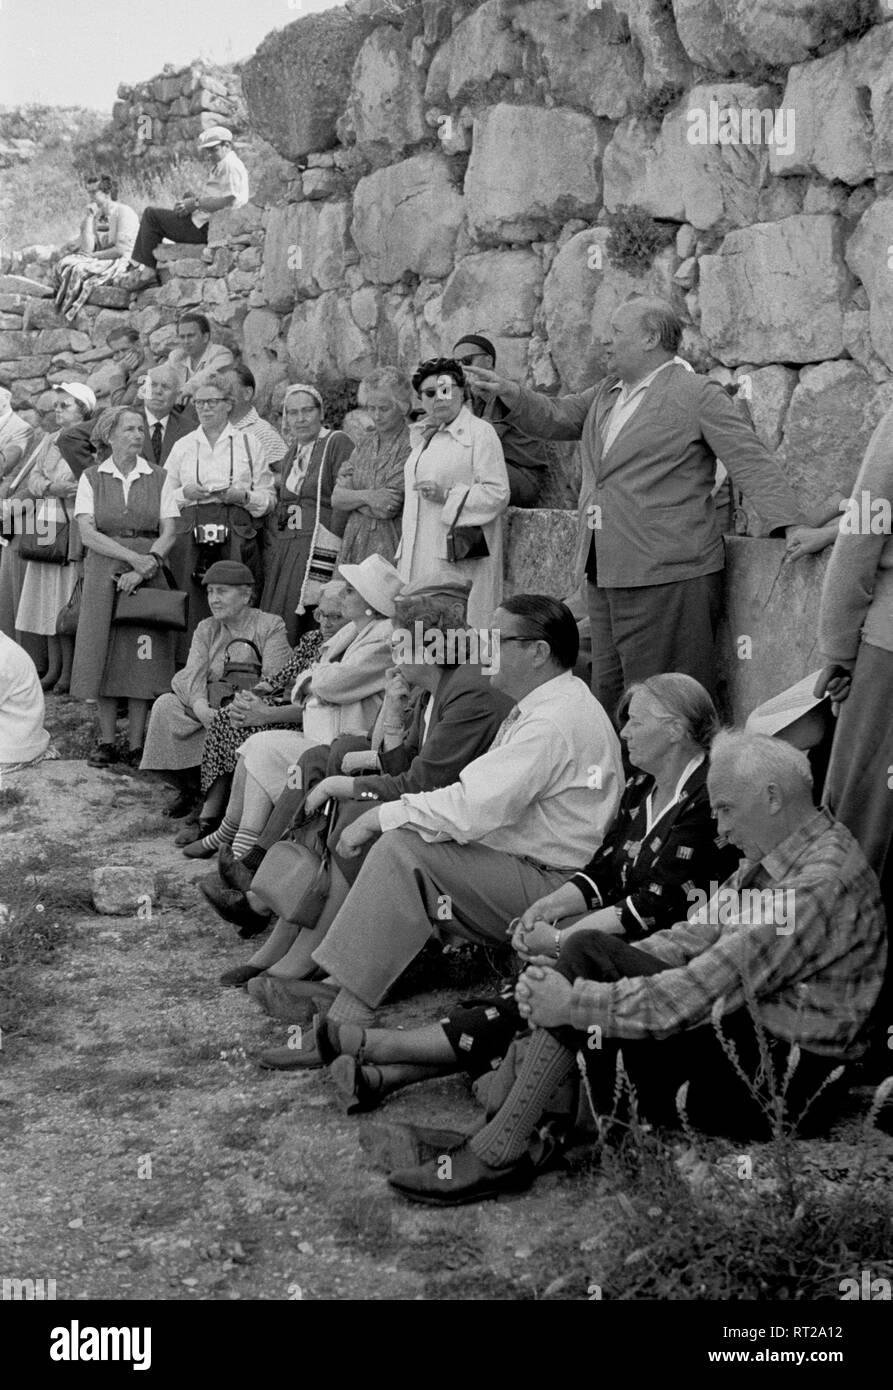 Griechenland, Greece - Eine Gruppe von Touristen läßt sich die Sehenswürdigkeiten des alten Mykene näher erläutern. - Stock Image